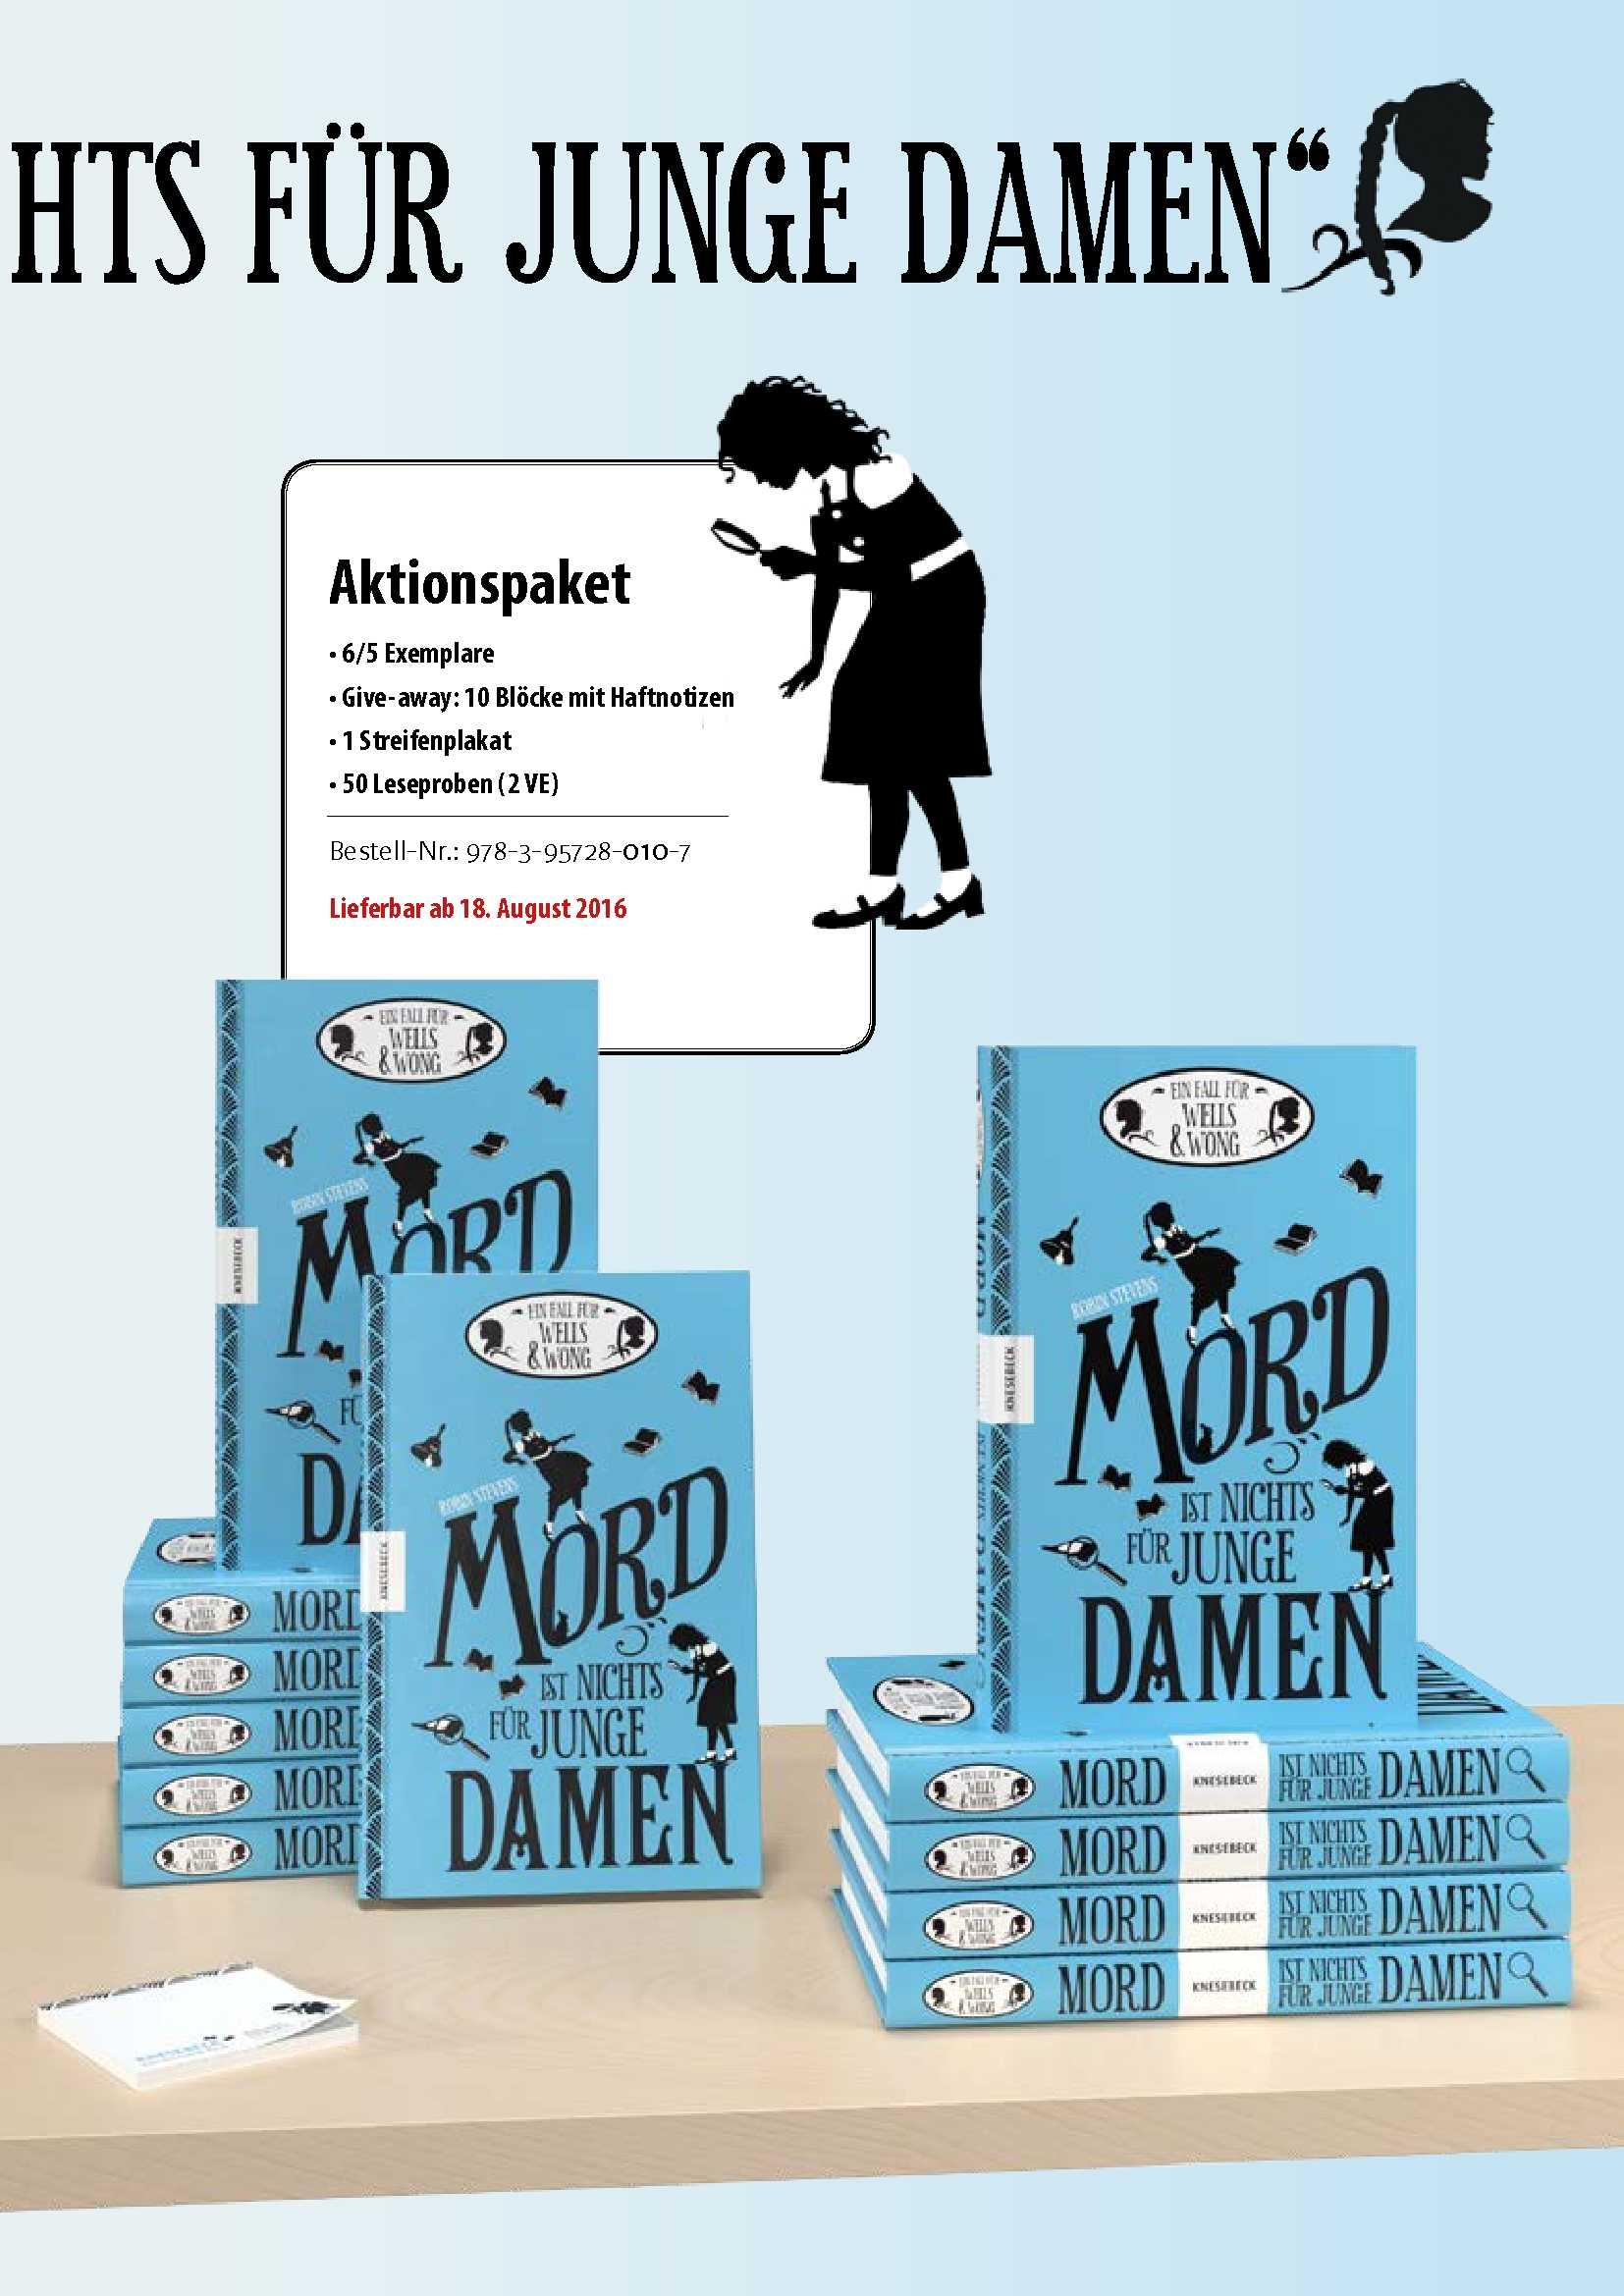 Buchhandelsaktionen Knesebeck Verlag